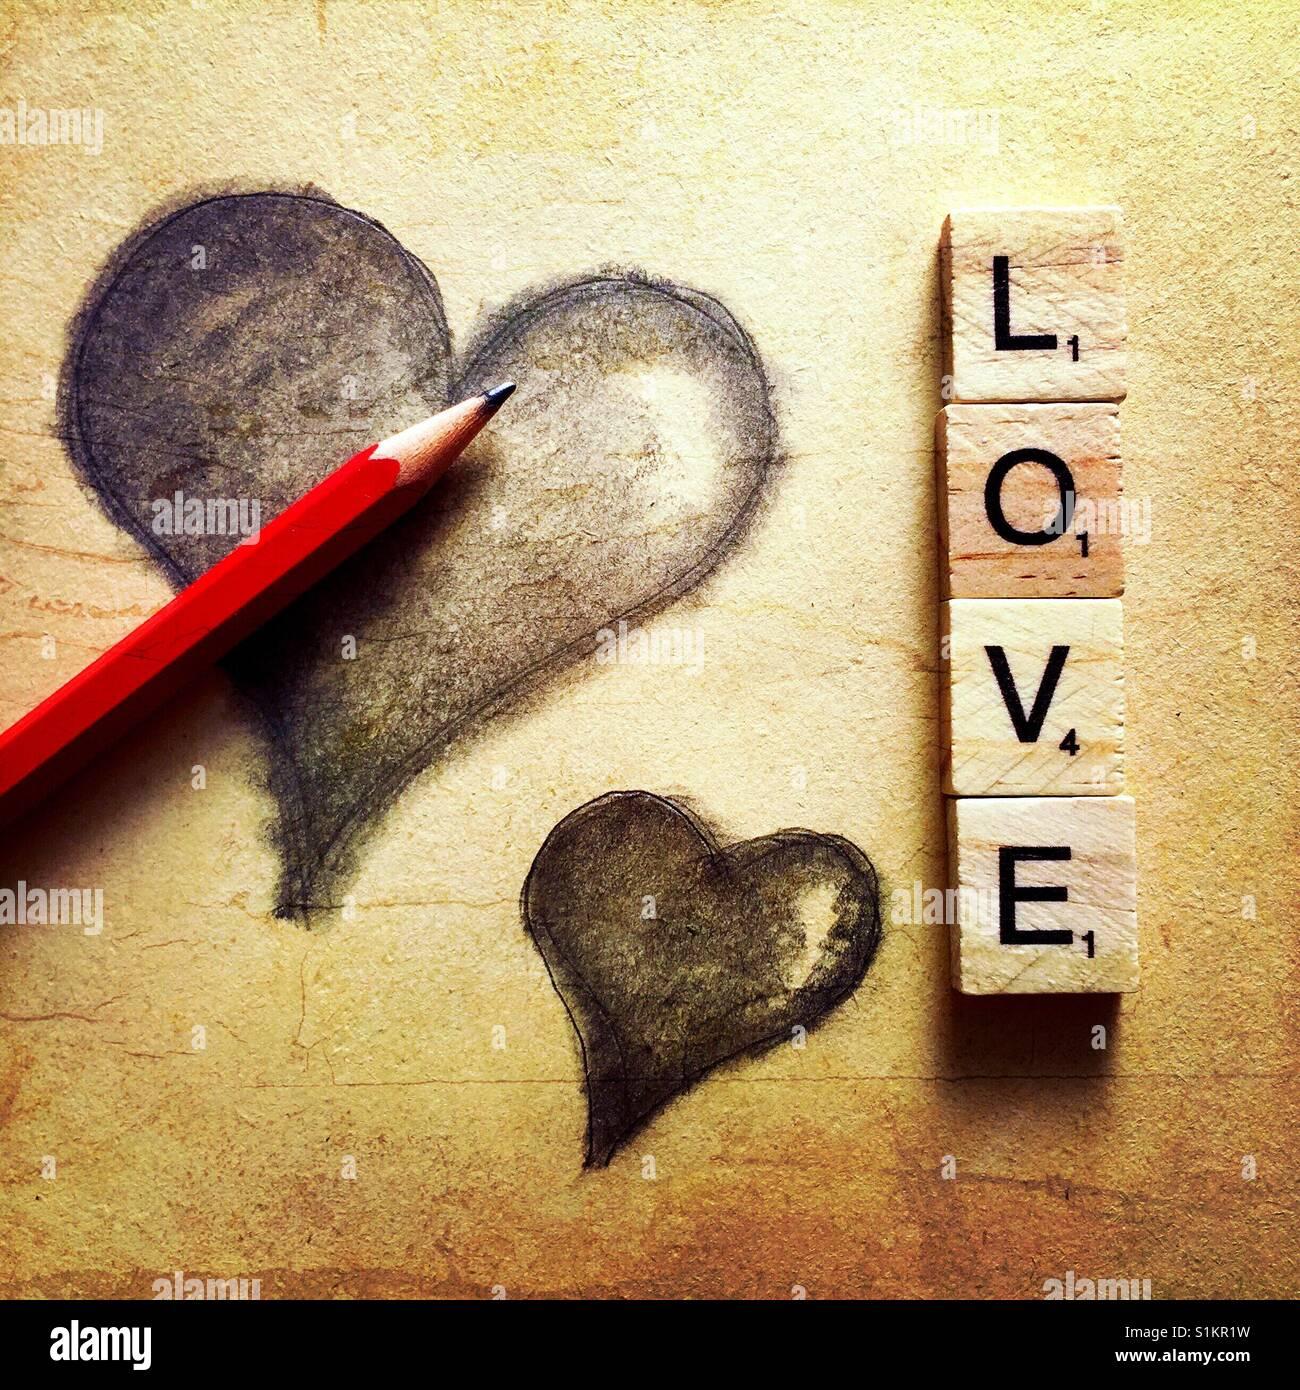 Eine einfache Bleistiftzeichnung zweier Herzen mit einem Bleistift und das Wort Liebe buchstabiert mit Holzbuchstaben Stockbild